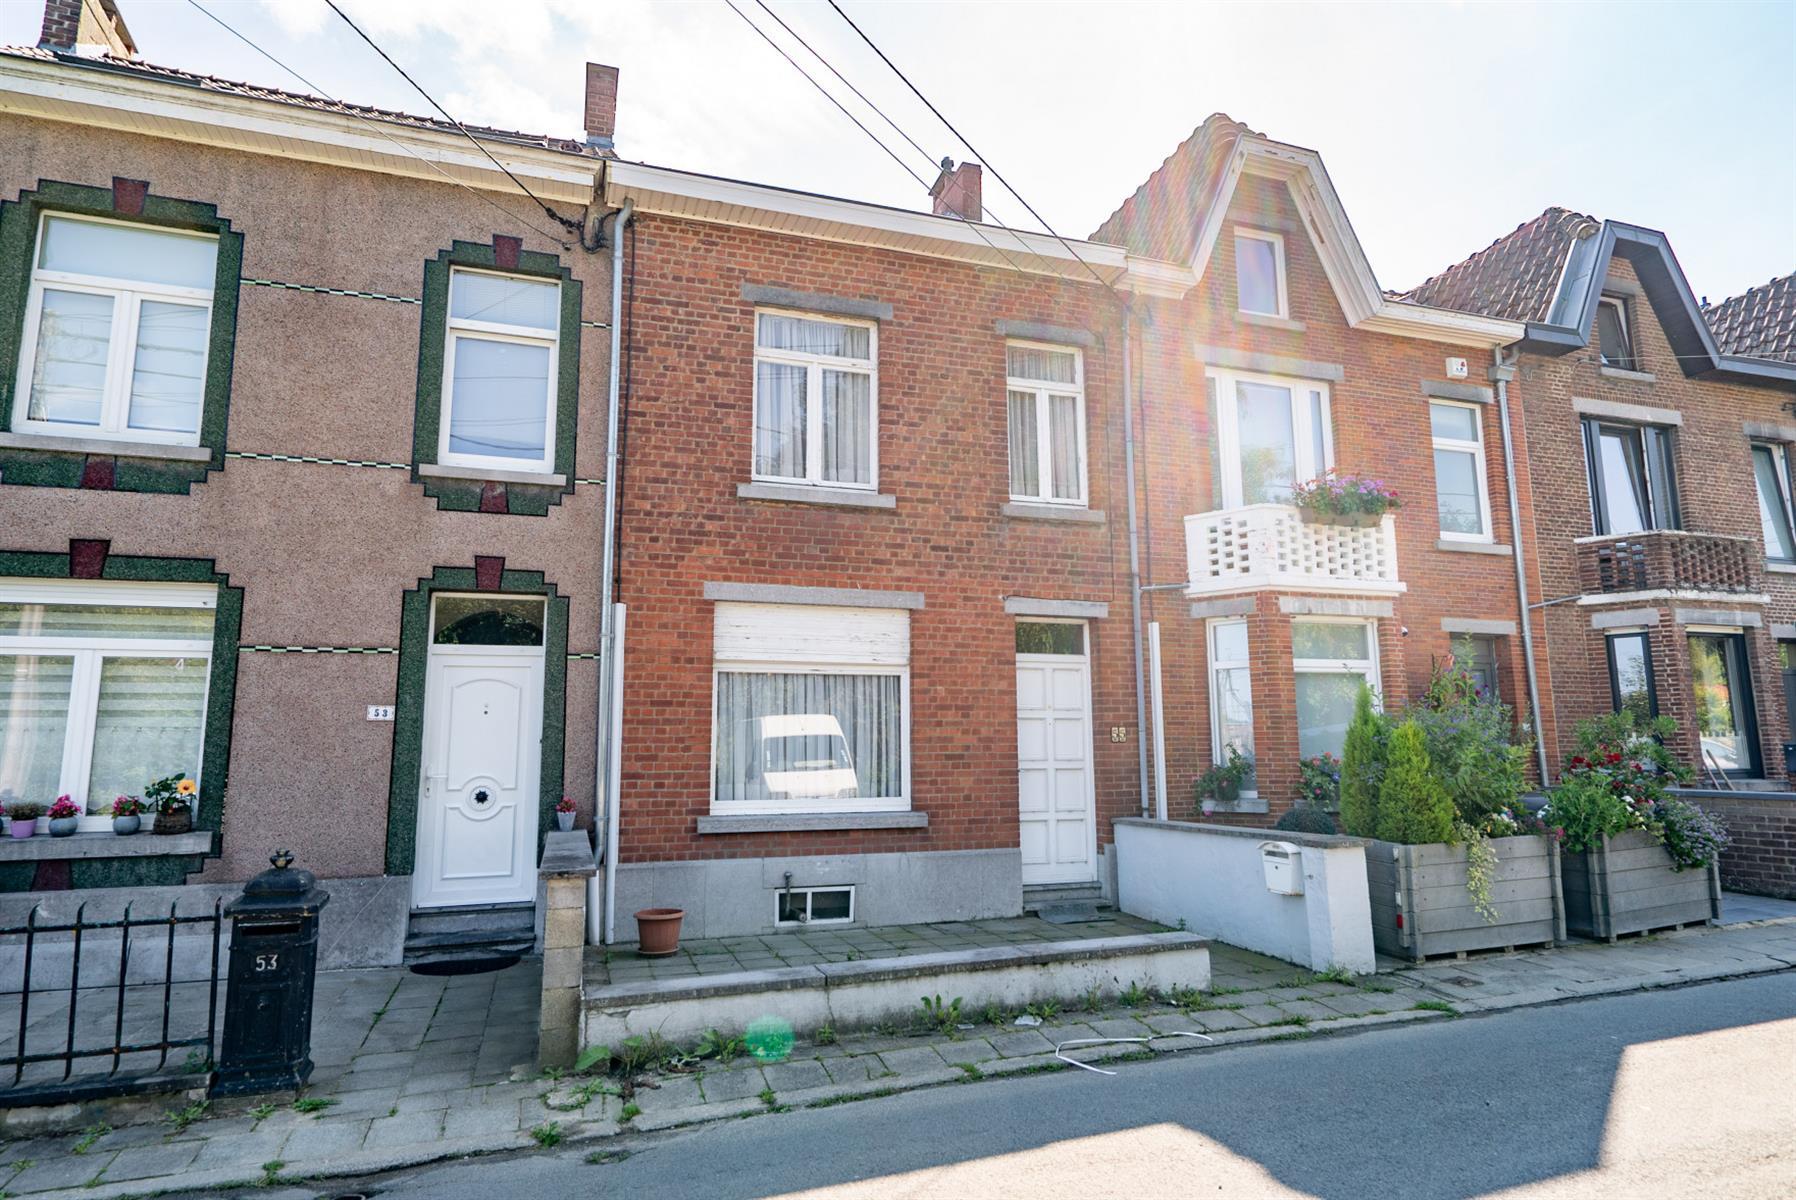 Maison - Court-saint-Étienne - #4499148-19